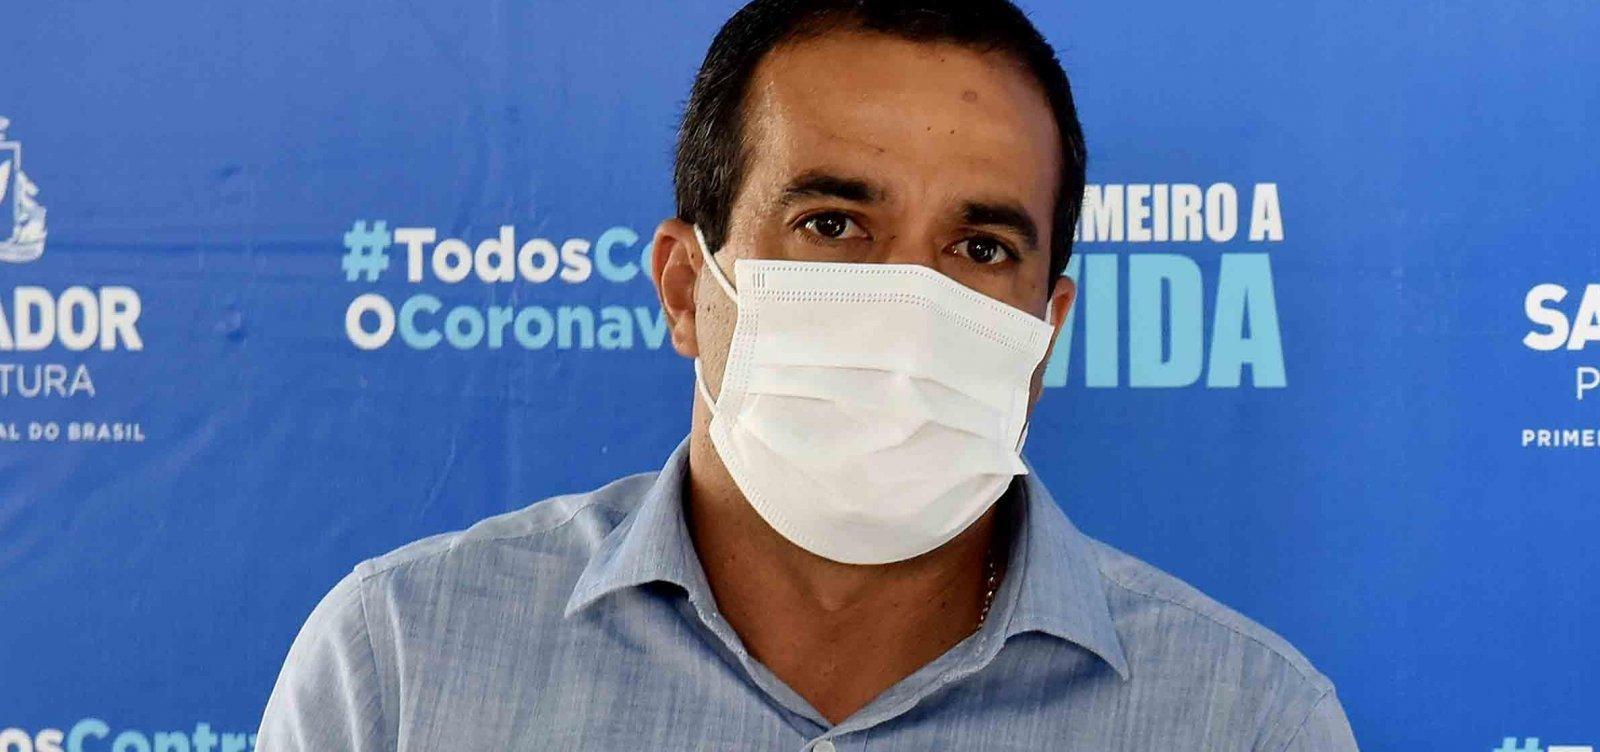 Covid-19: Bruno Reis reclama de fura filas na vacinação: 'Desgaste'